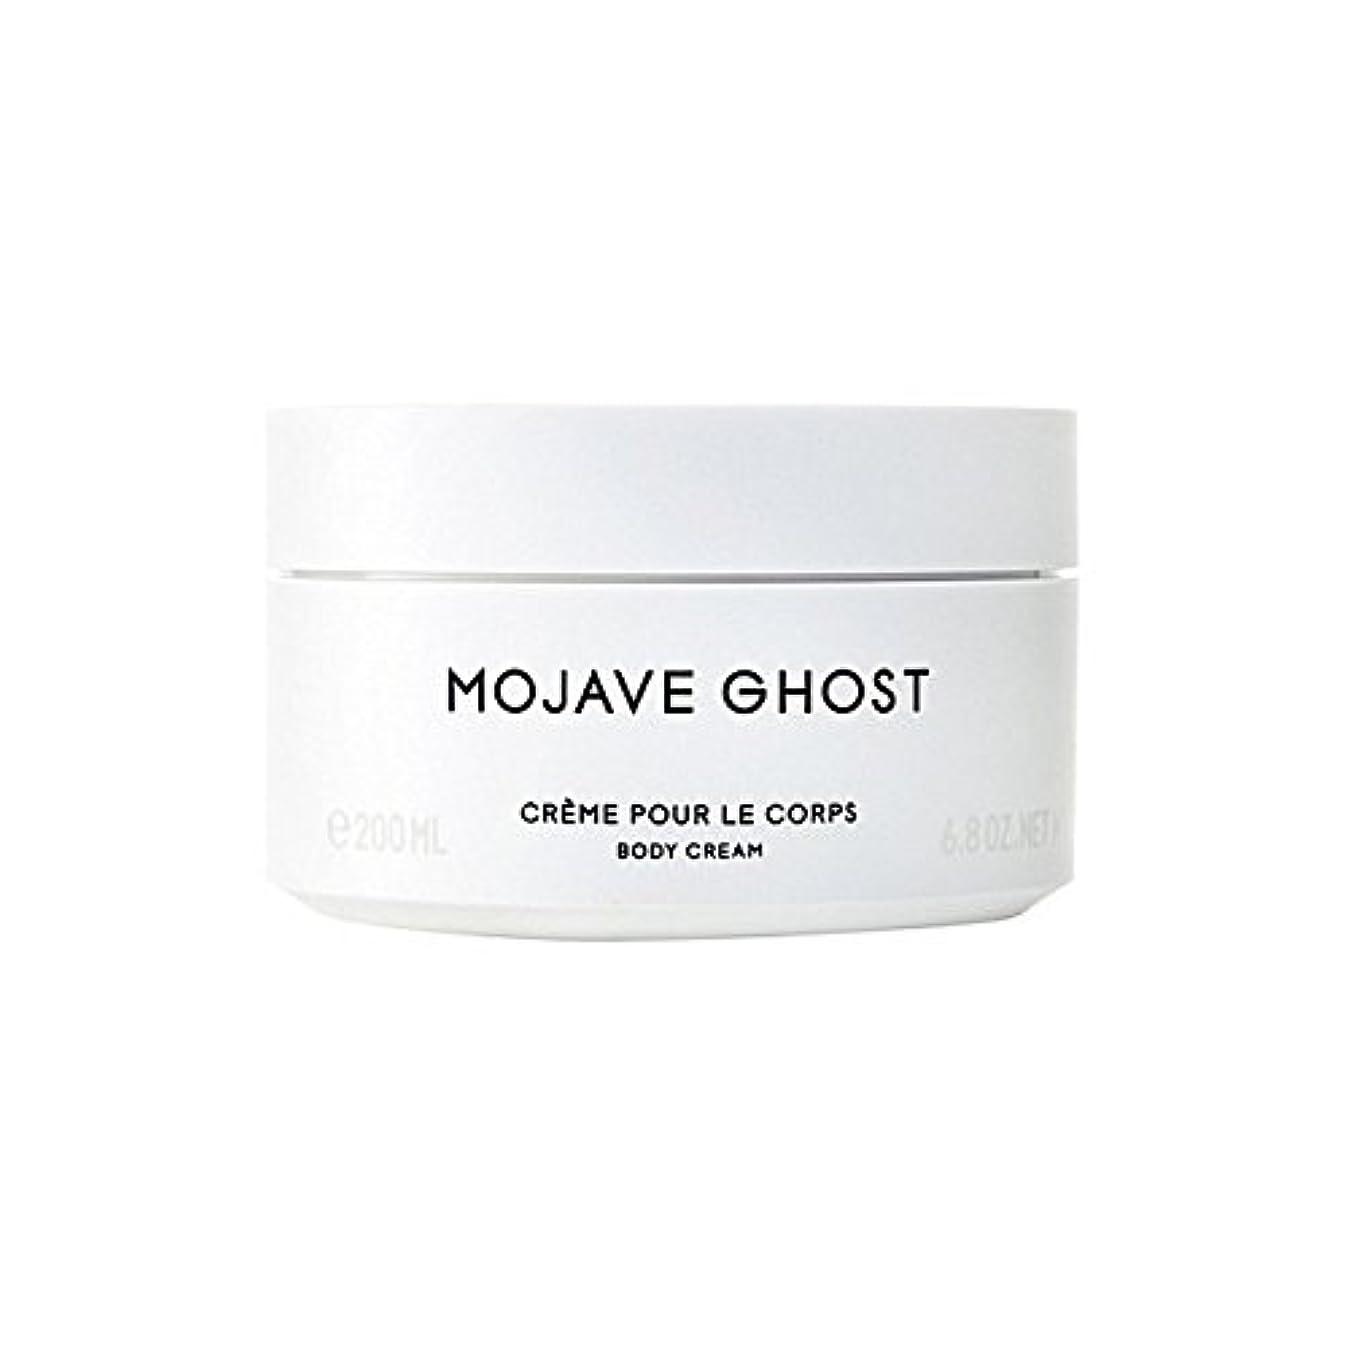 口径ランデブー一緒Byredo Mojave Ghost Body Cream 200ml (Pack of 6) - モハーベゴーストボディクリーム200ミリリットル x6 [並行輸入品]